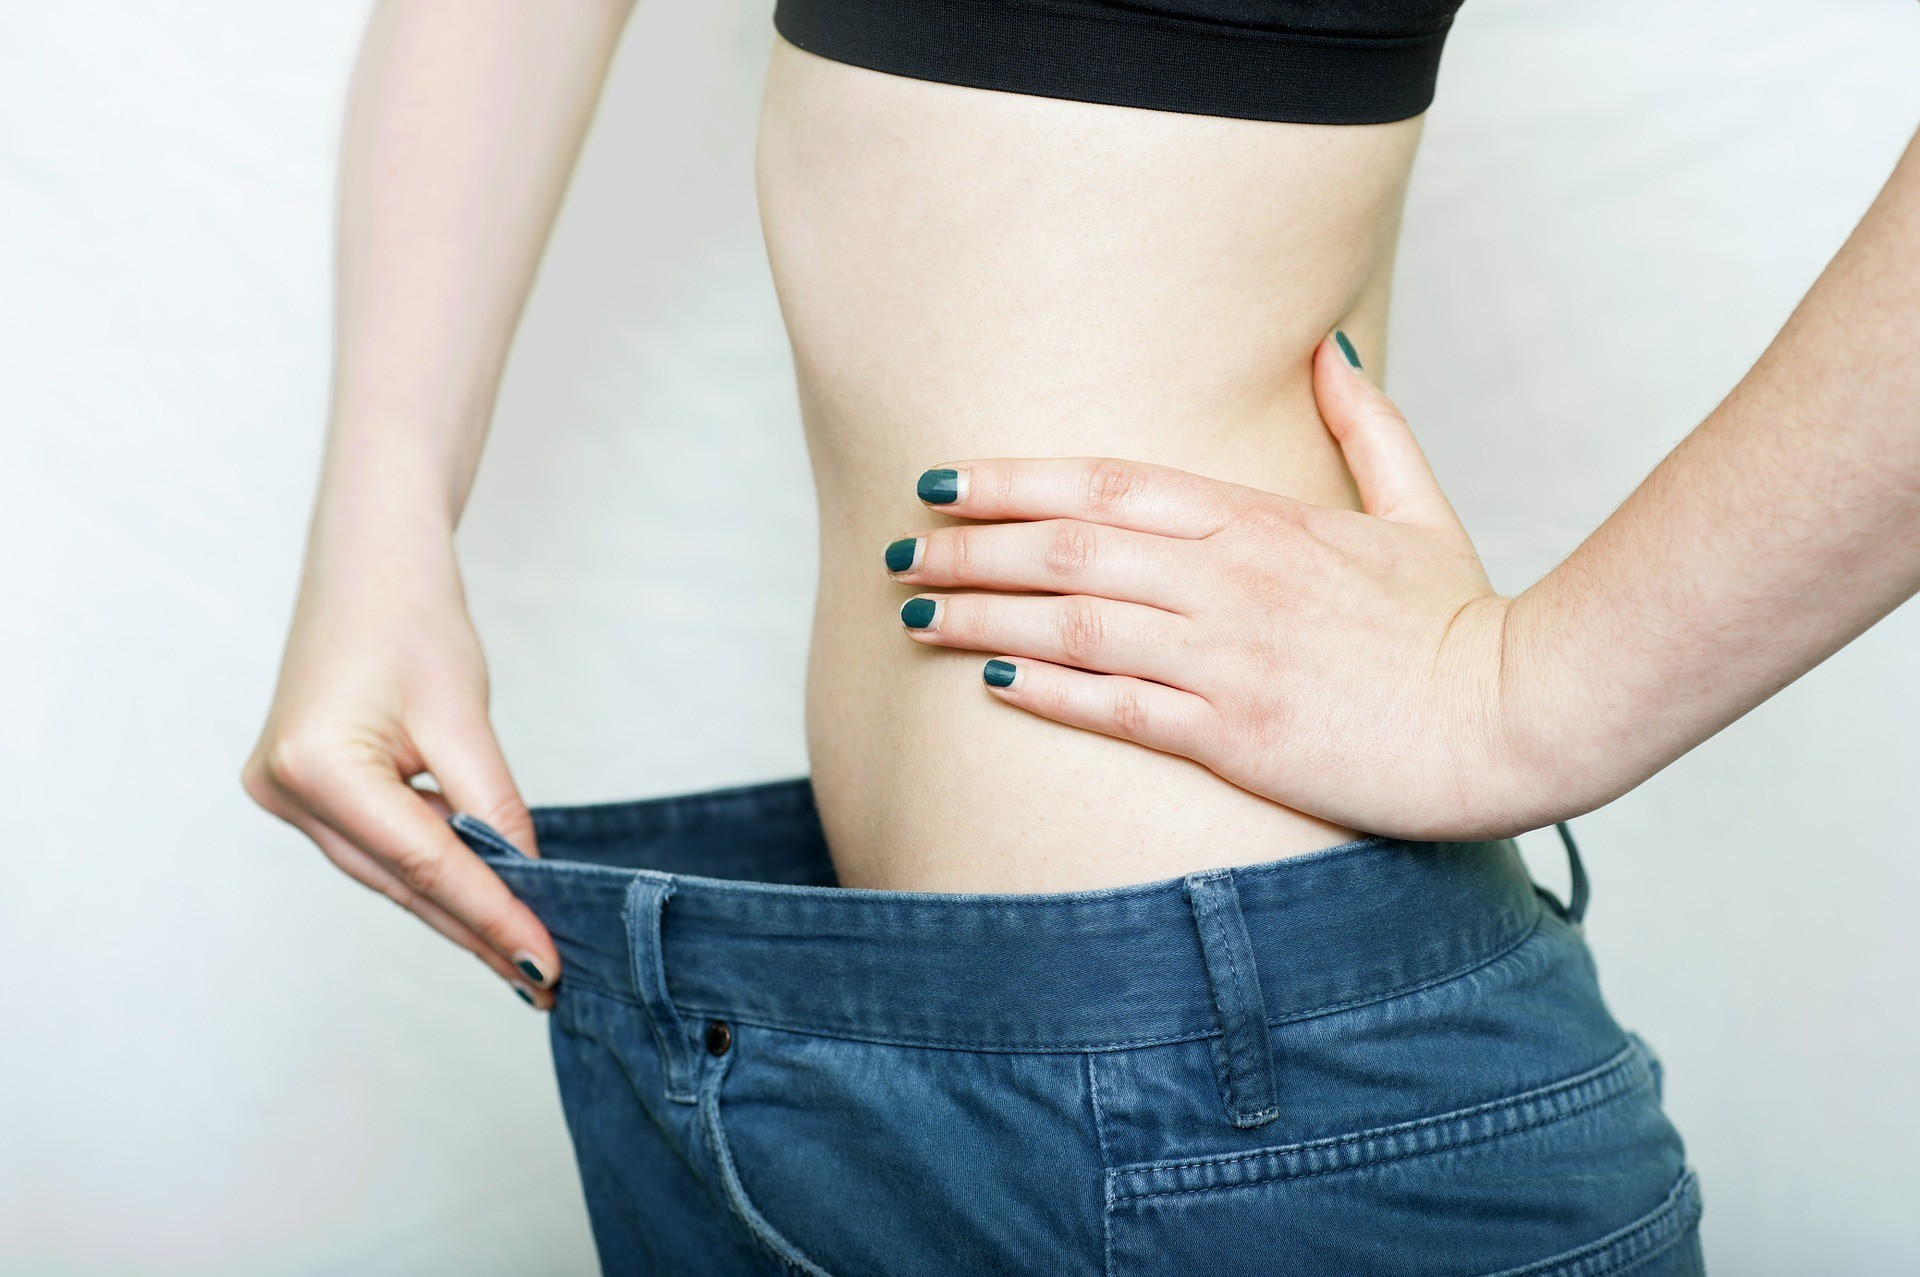 Похудеть за две недели: программа питания от диетологов